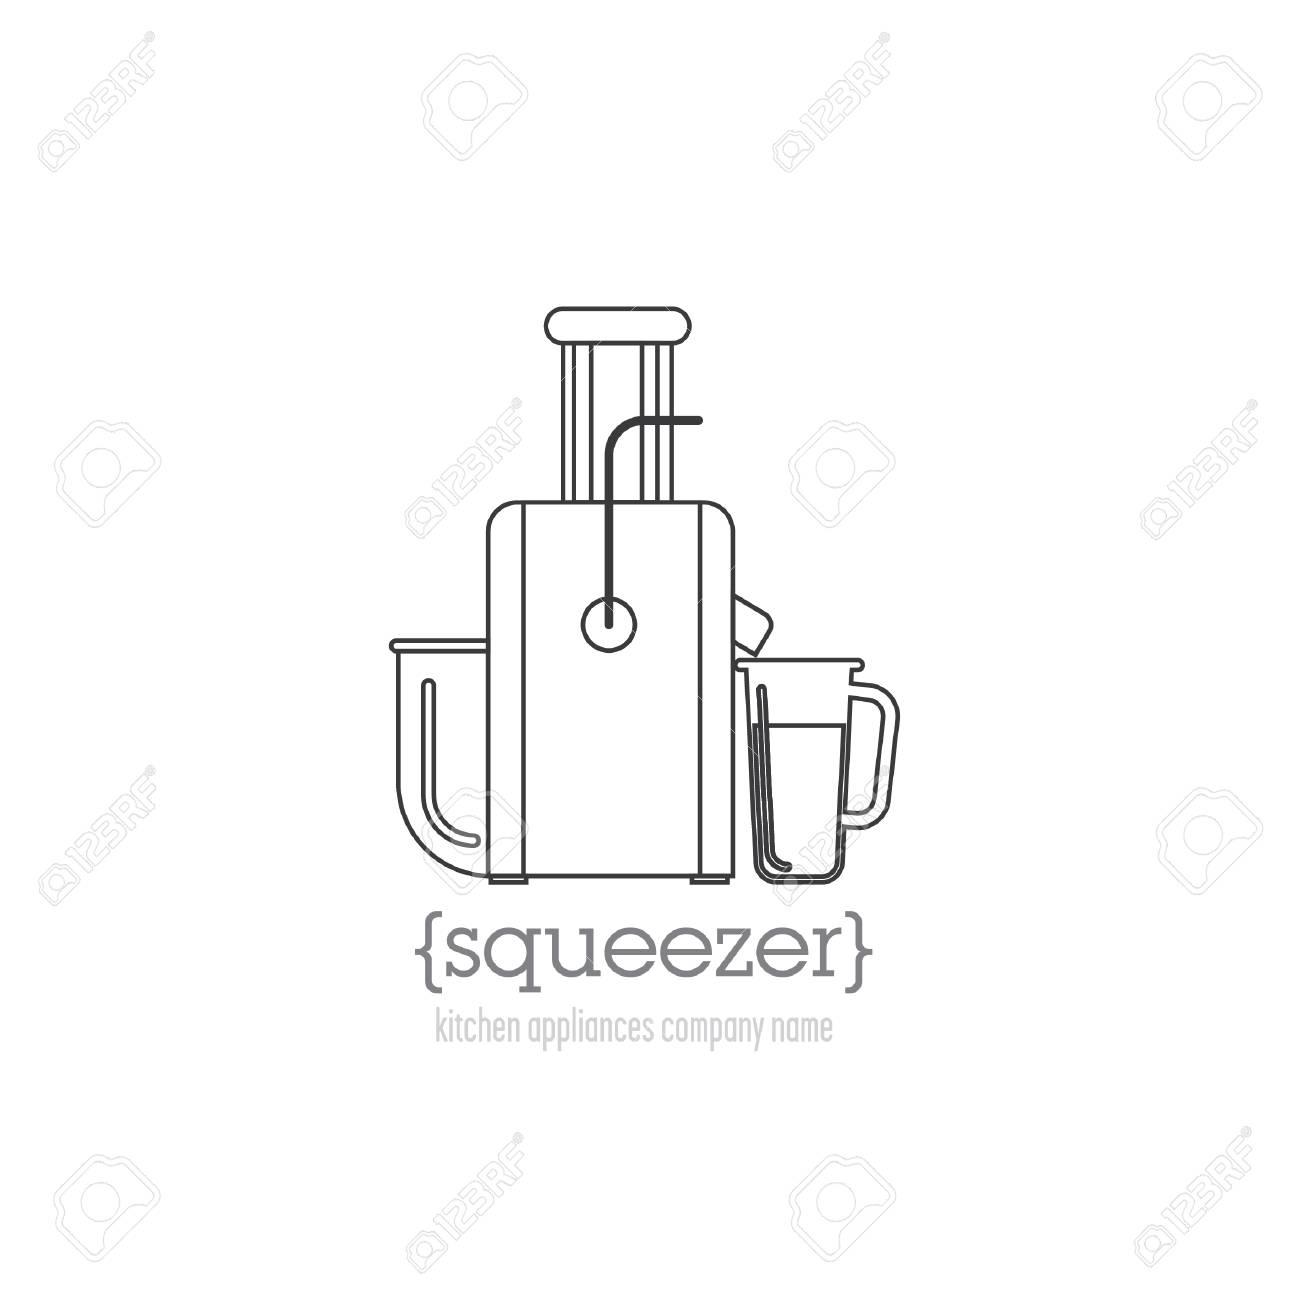 Seitenvorlage Mit Einem Logo Küchengeräte. Entsafter-Logo Mit Platz ...